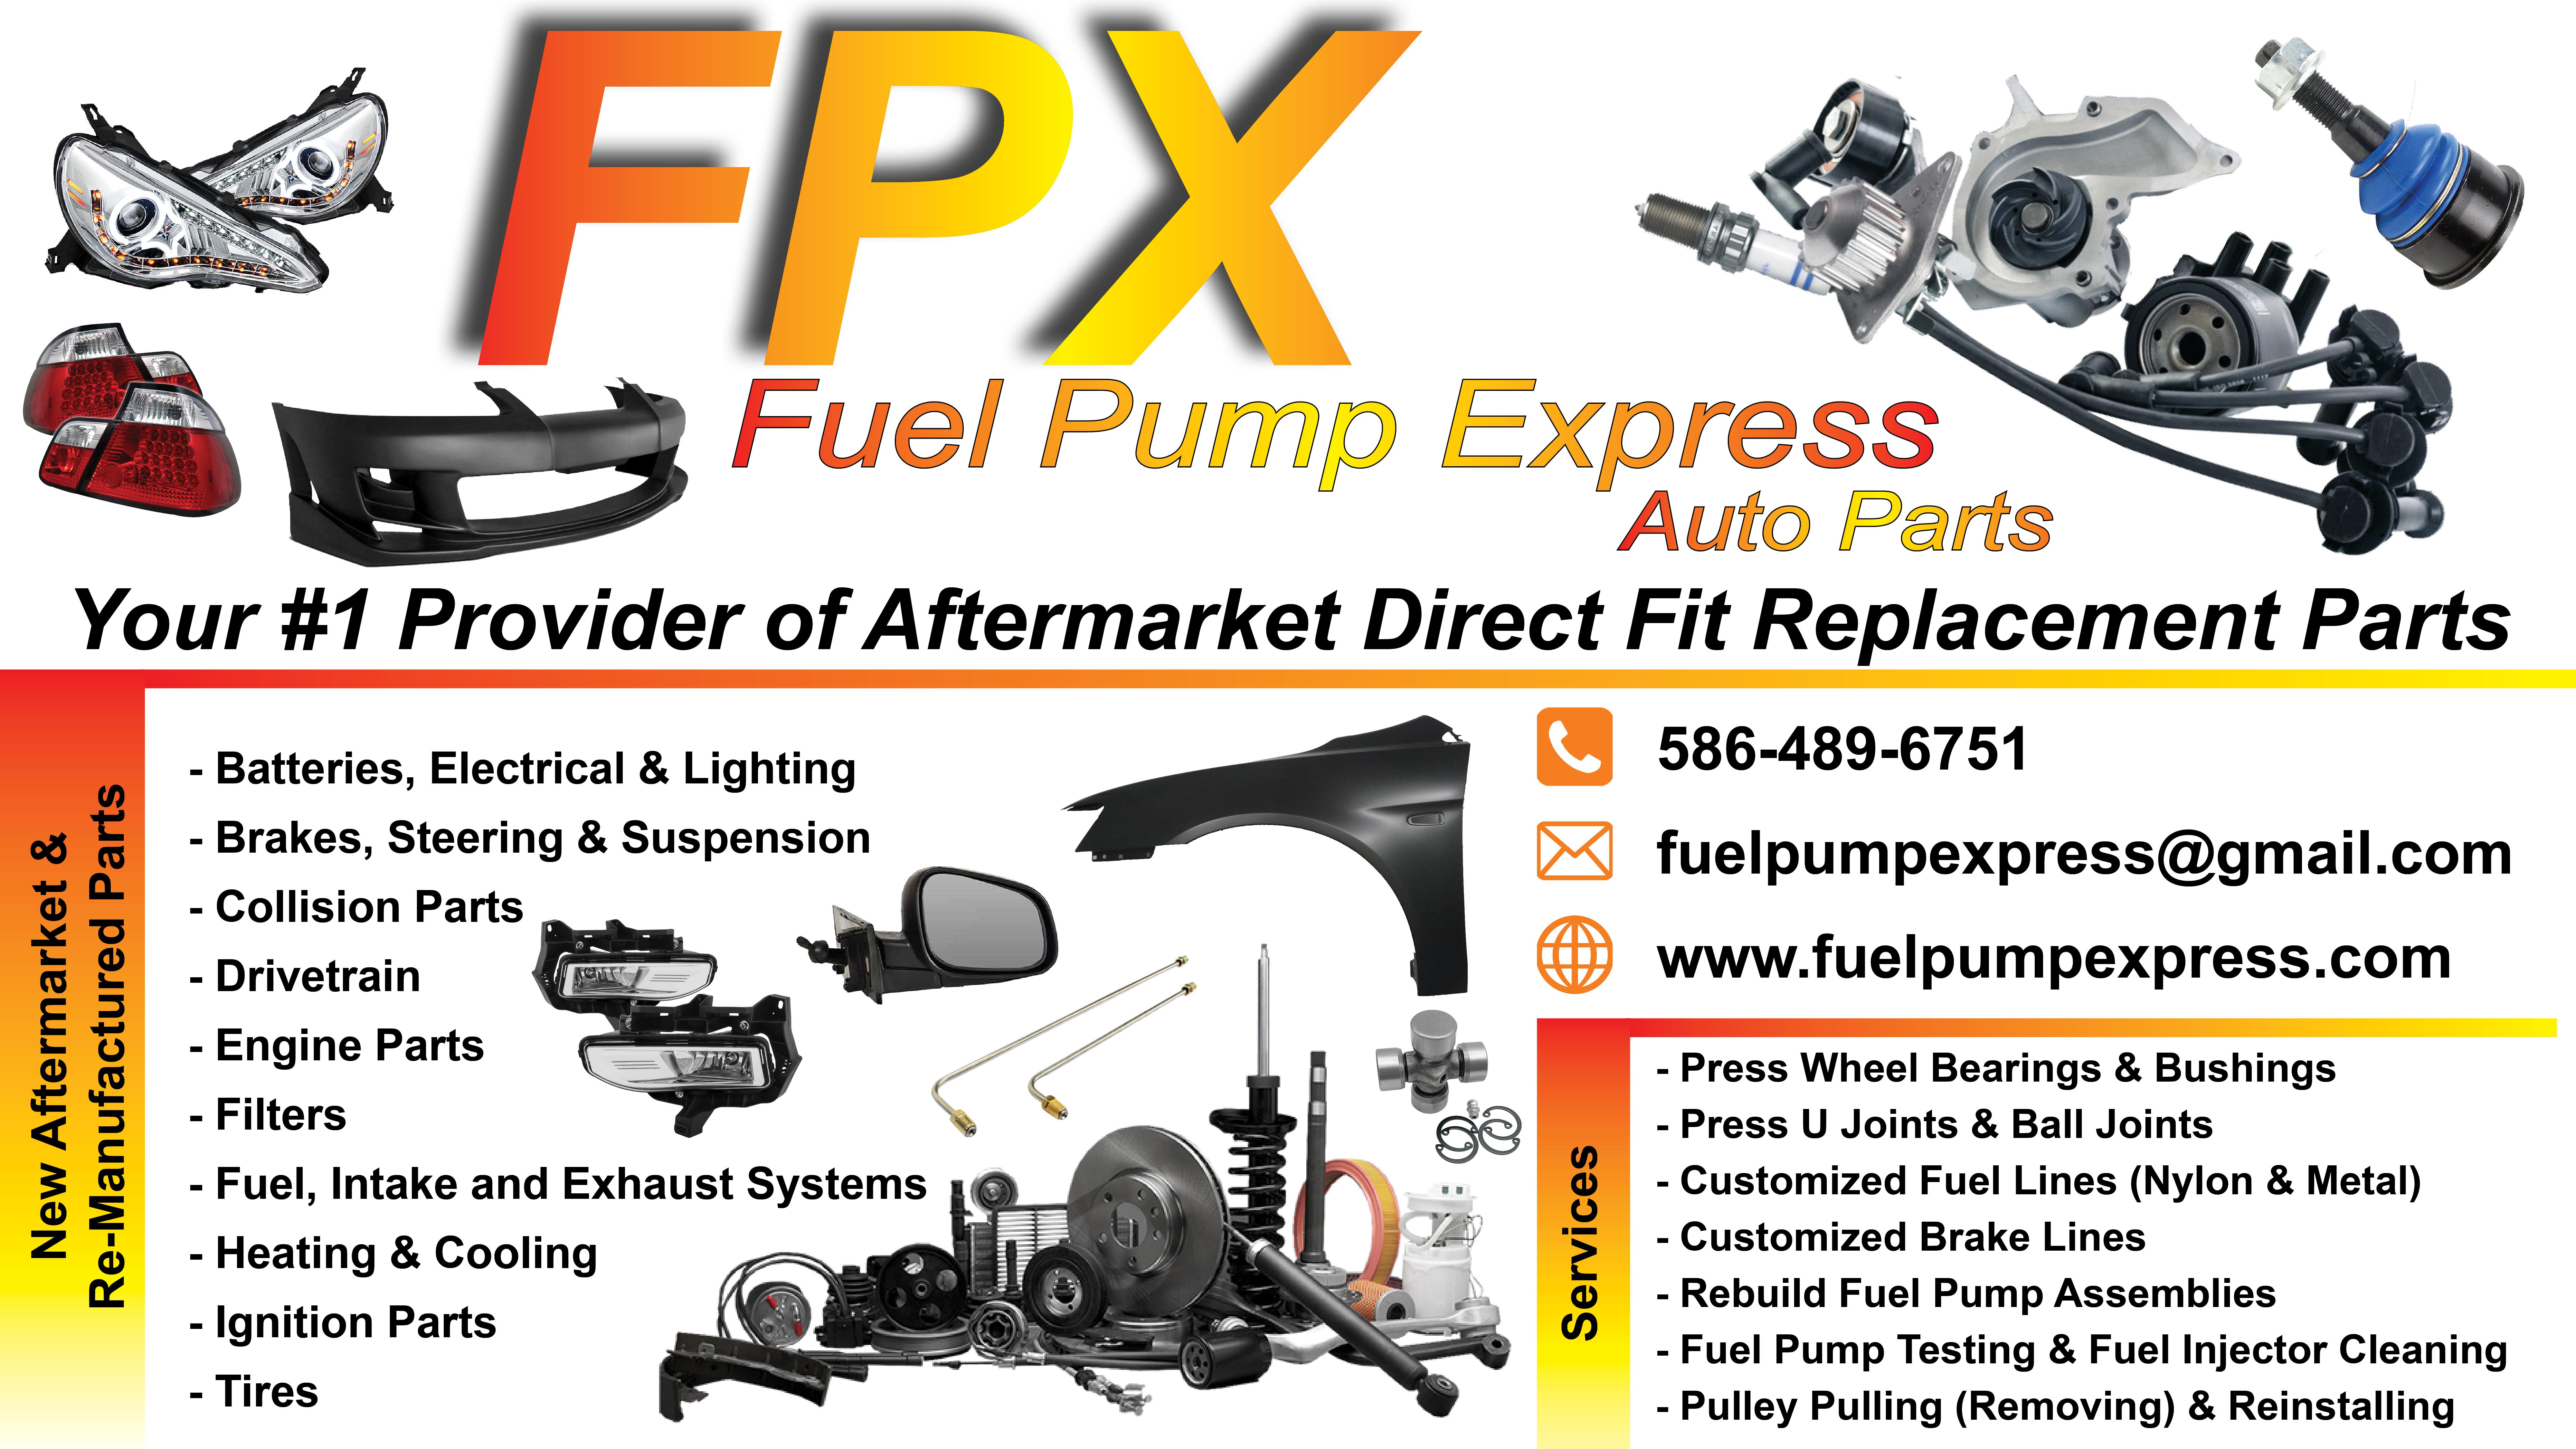 Fuel Pump Express